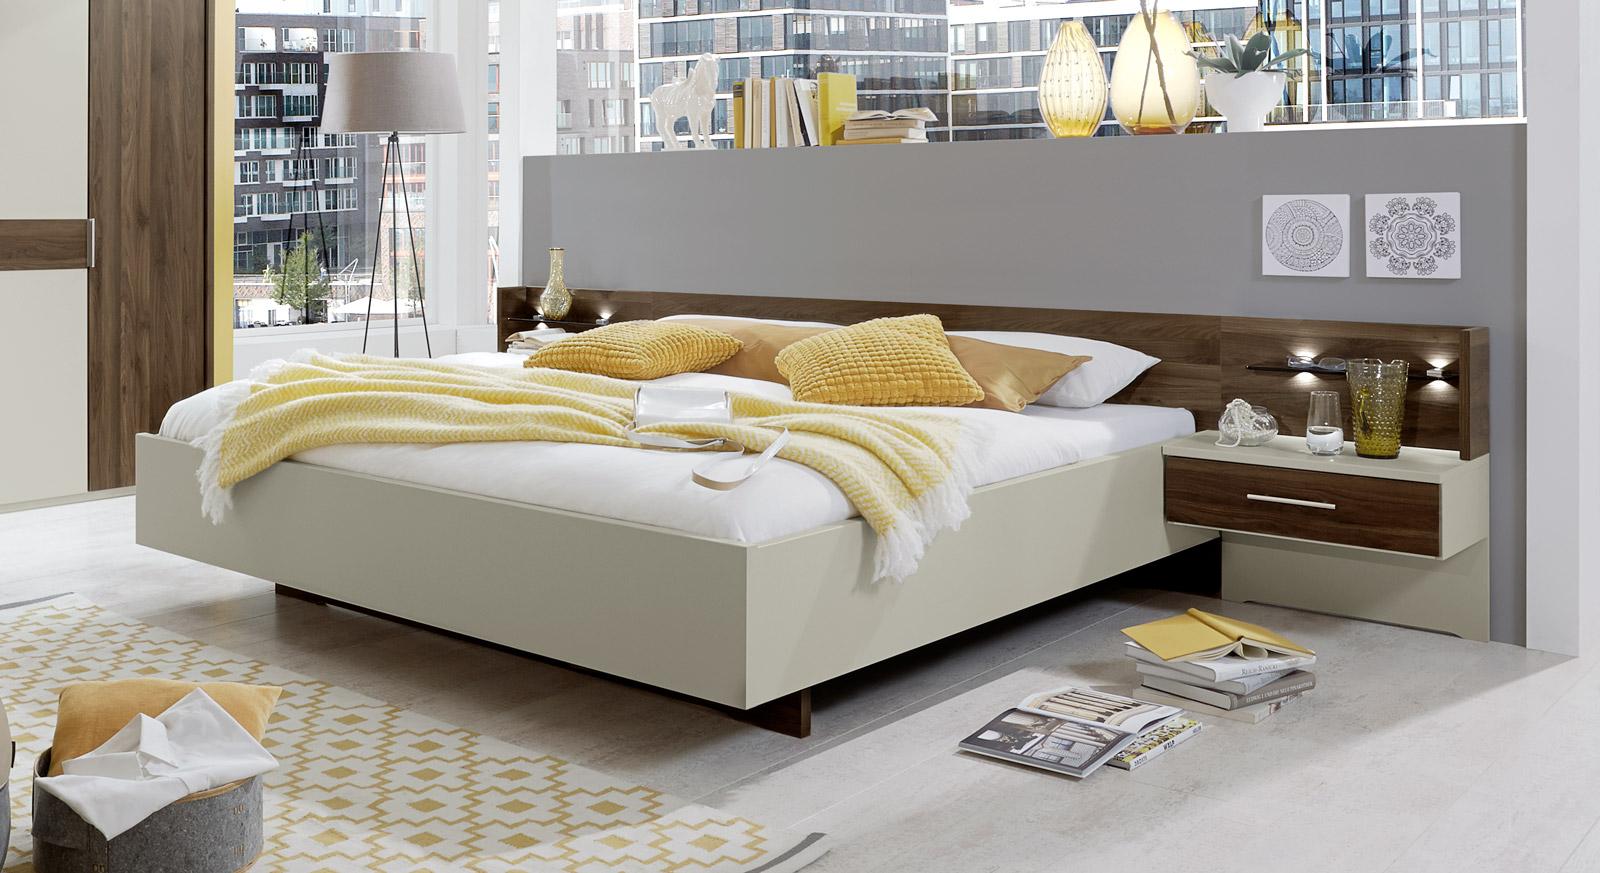 schwebebett wahlweise mit beleuchtung und kopfteilpolster lucea. Black Bedroom Furniture Sets. Home Design Ideas